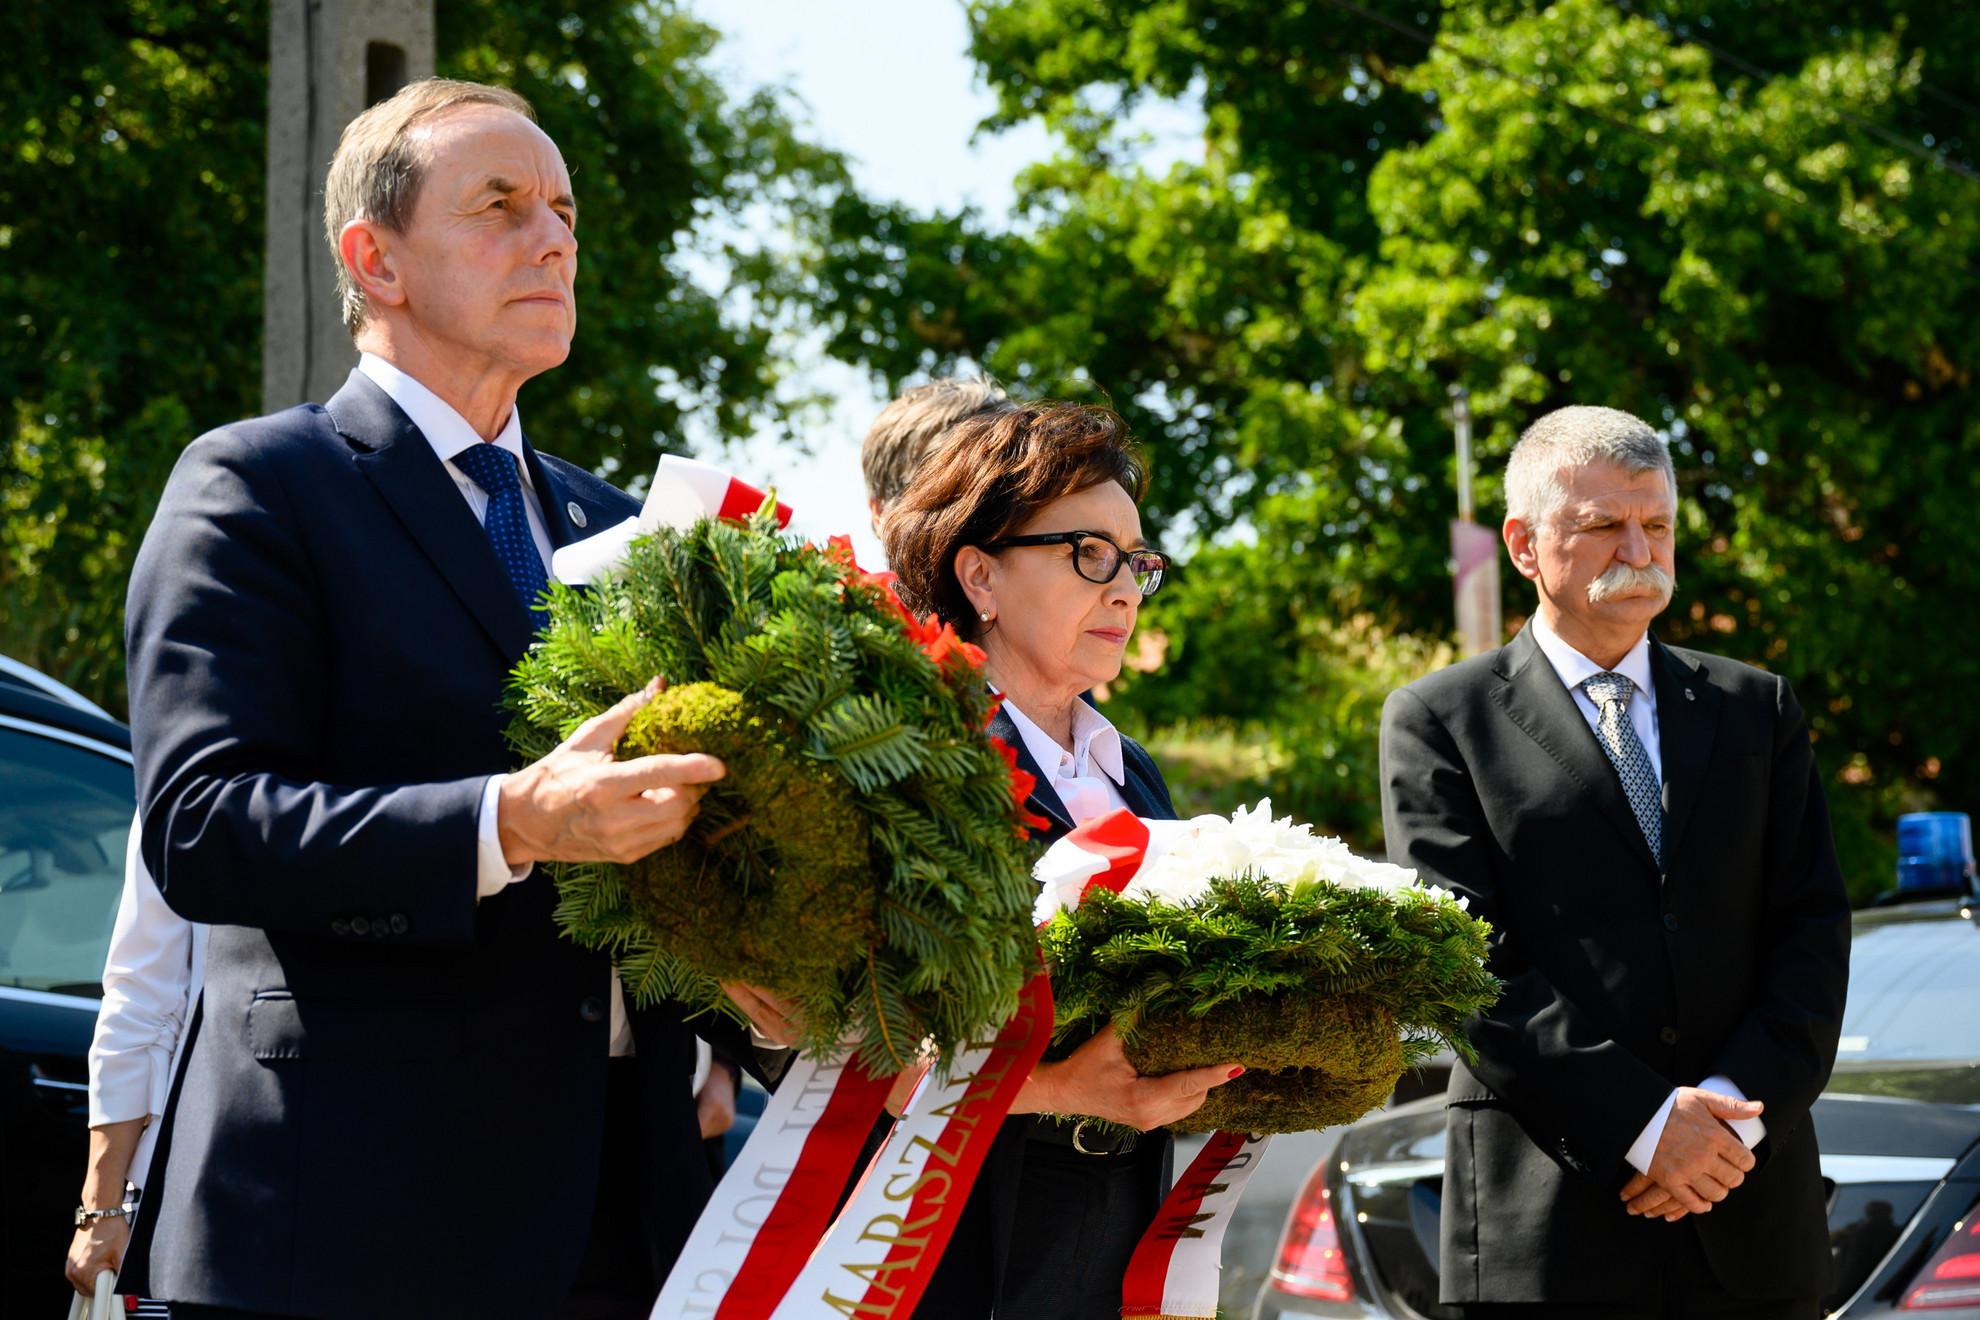 Tomasz Grodzki, a lengyel szenátus elnöke (b) és Elzbieta Witek, a lengyel Szejm elnöke (k), valamint Kövér László, az Országgyűlés elnöke (j) megkoszorúzza a II. világháborús lengyel menekültek által állított Szűz Mária-szobrot